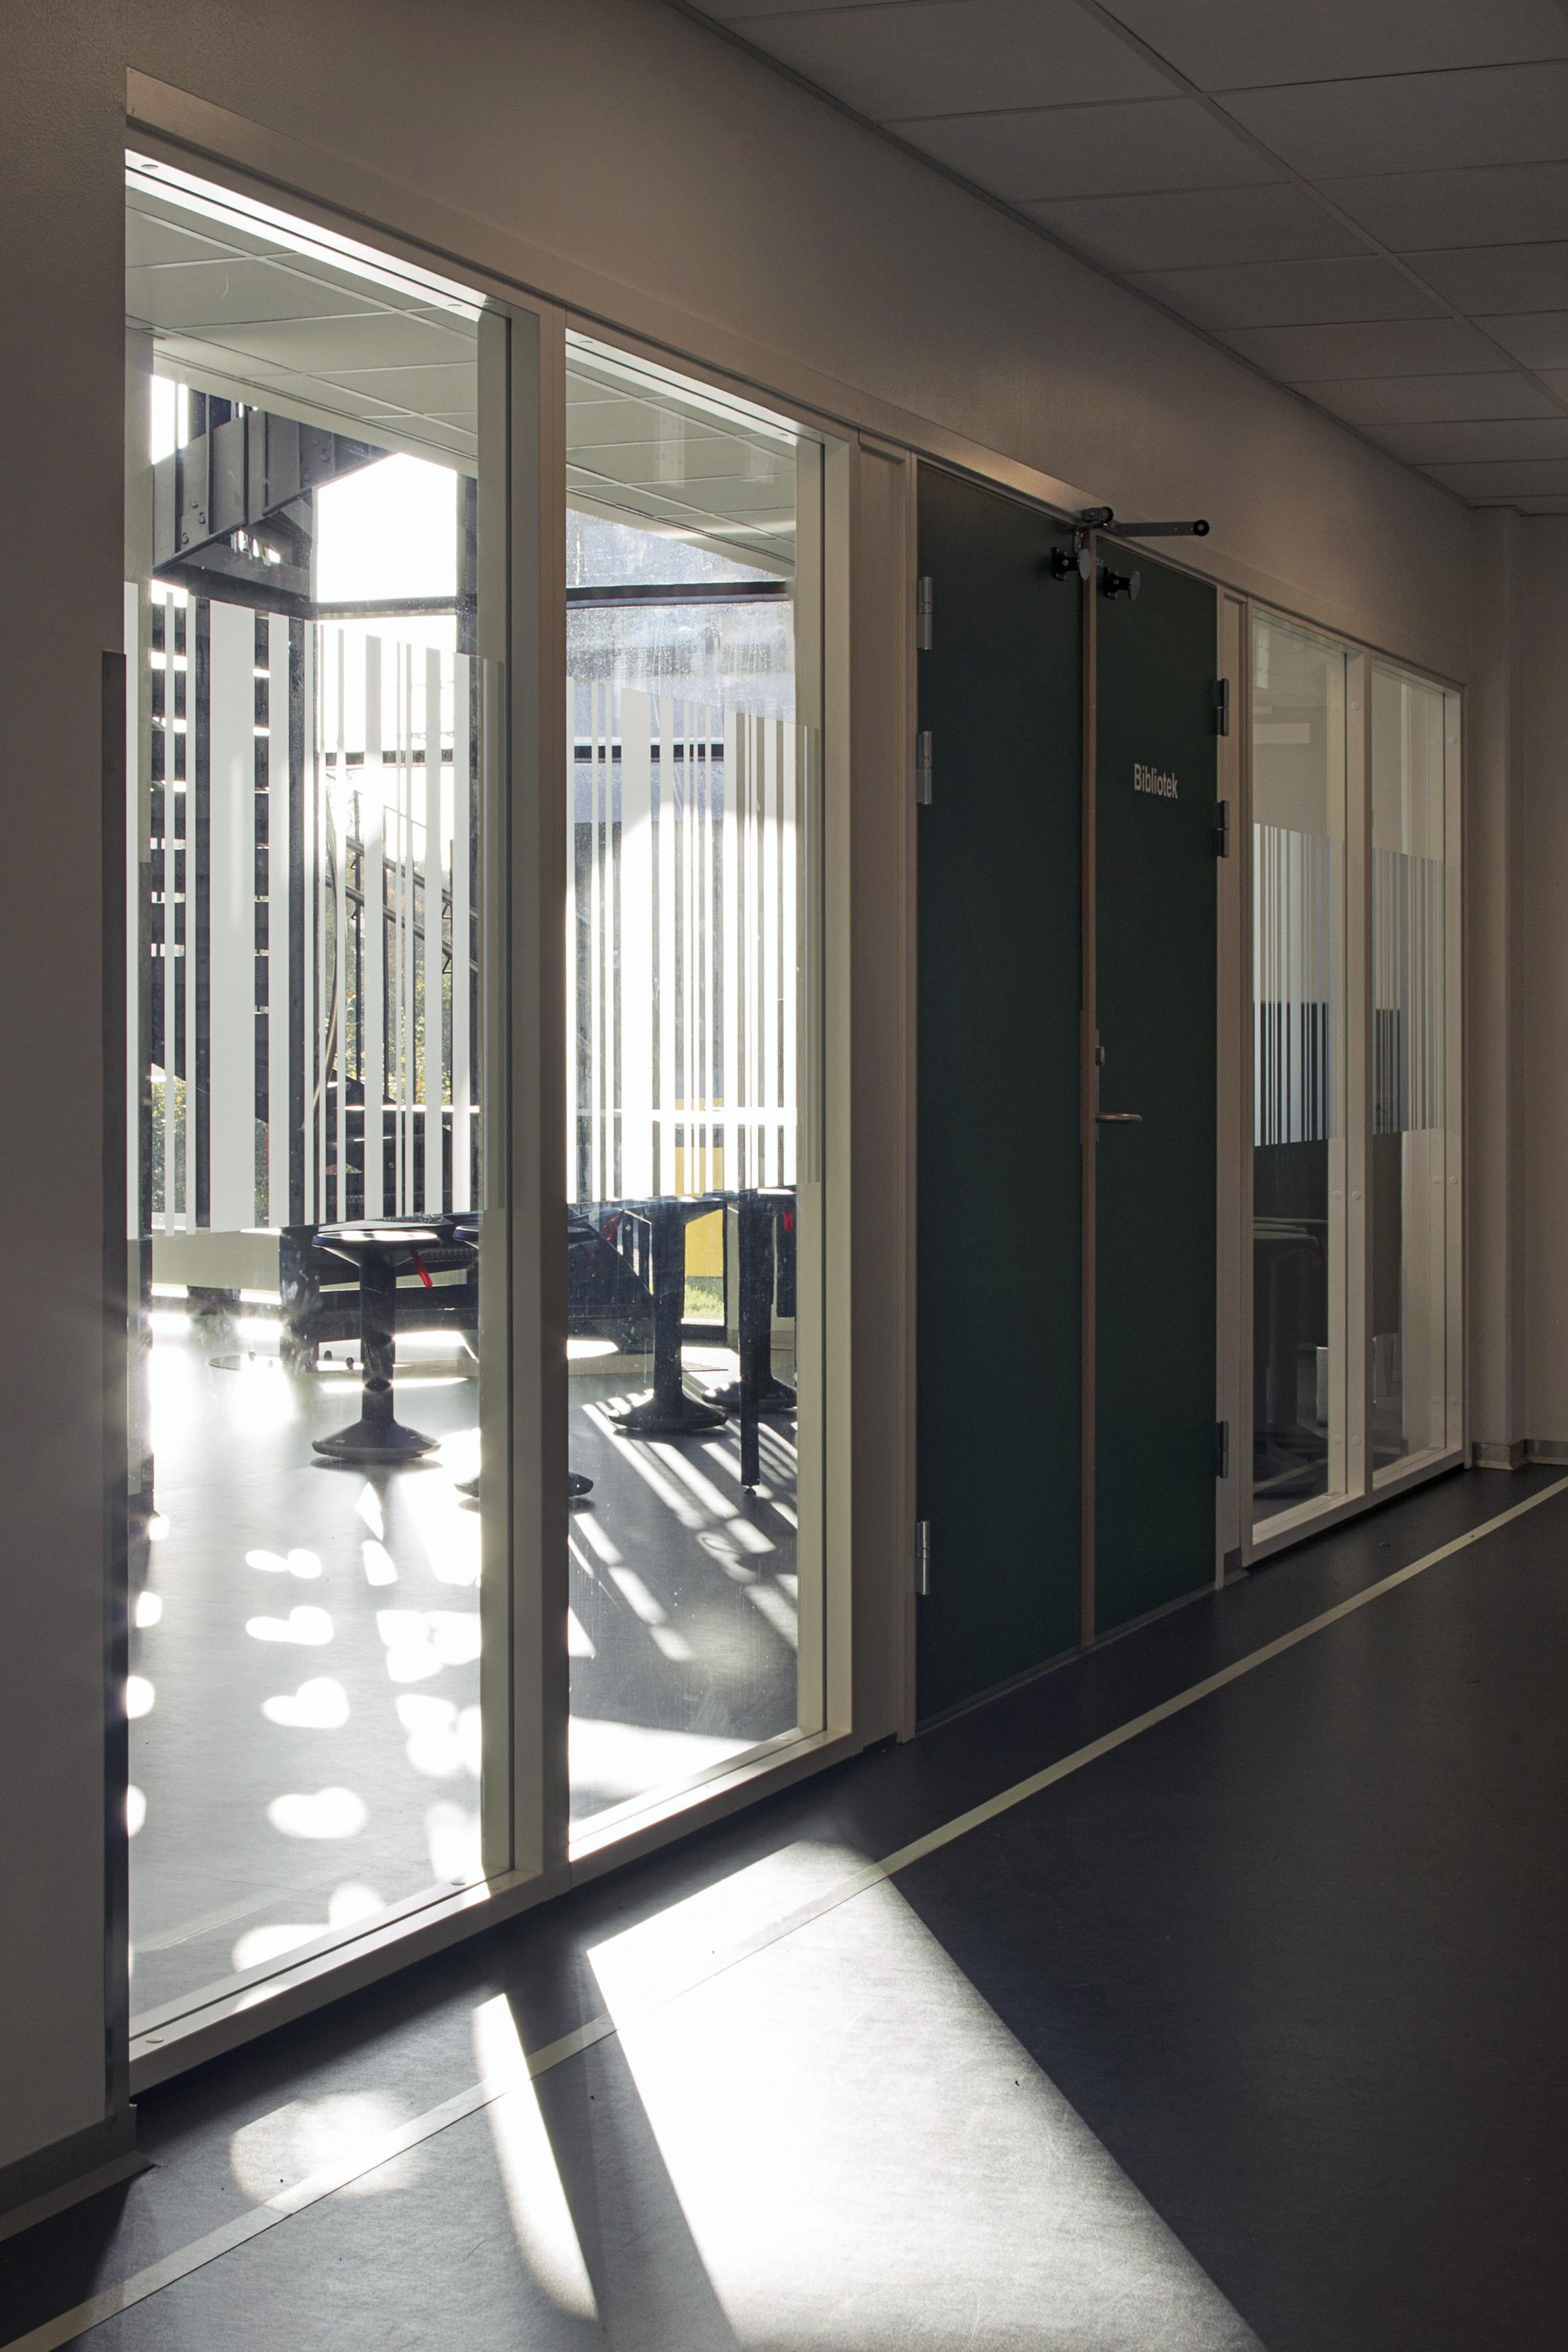 Ramstad skole_Korridor 01.jpg